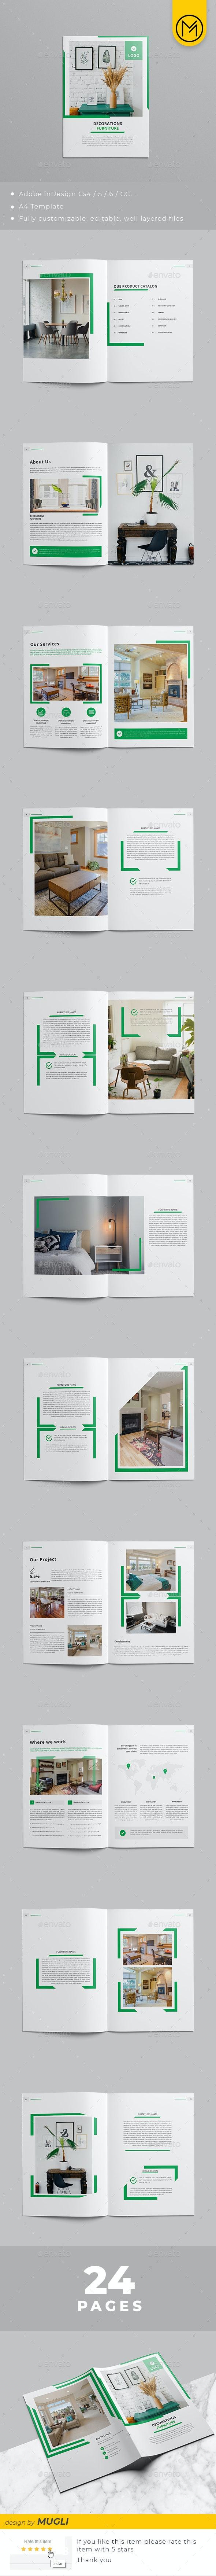 Furniture Brochure - Corporate Brochures